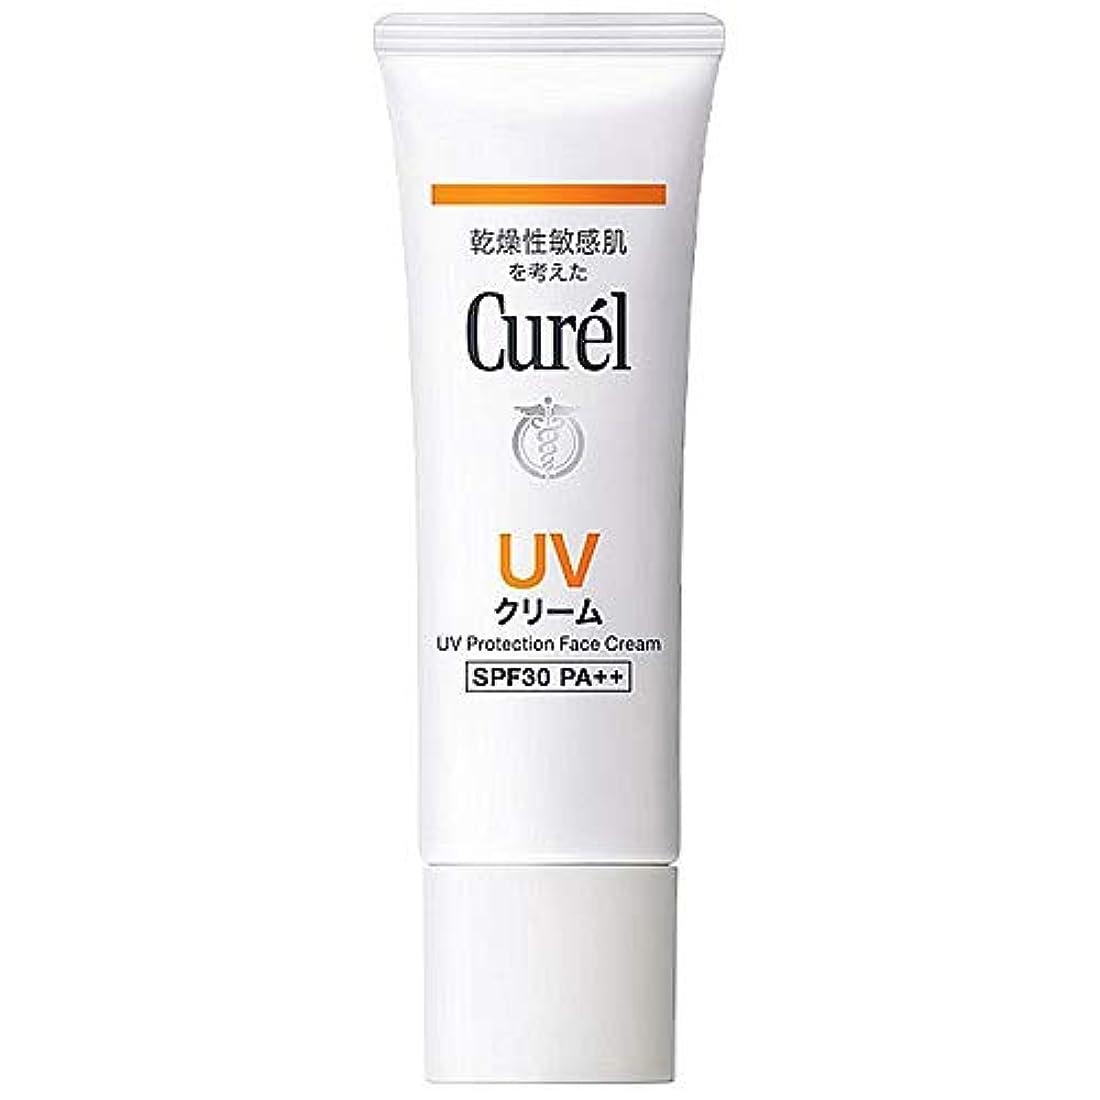 回路小包全滅させる花王 キュレル Curel UV クリーム SPF30 PA++ 30g [並行輸入品]